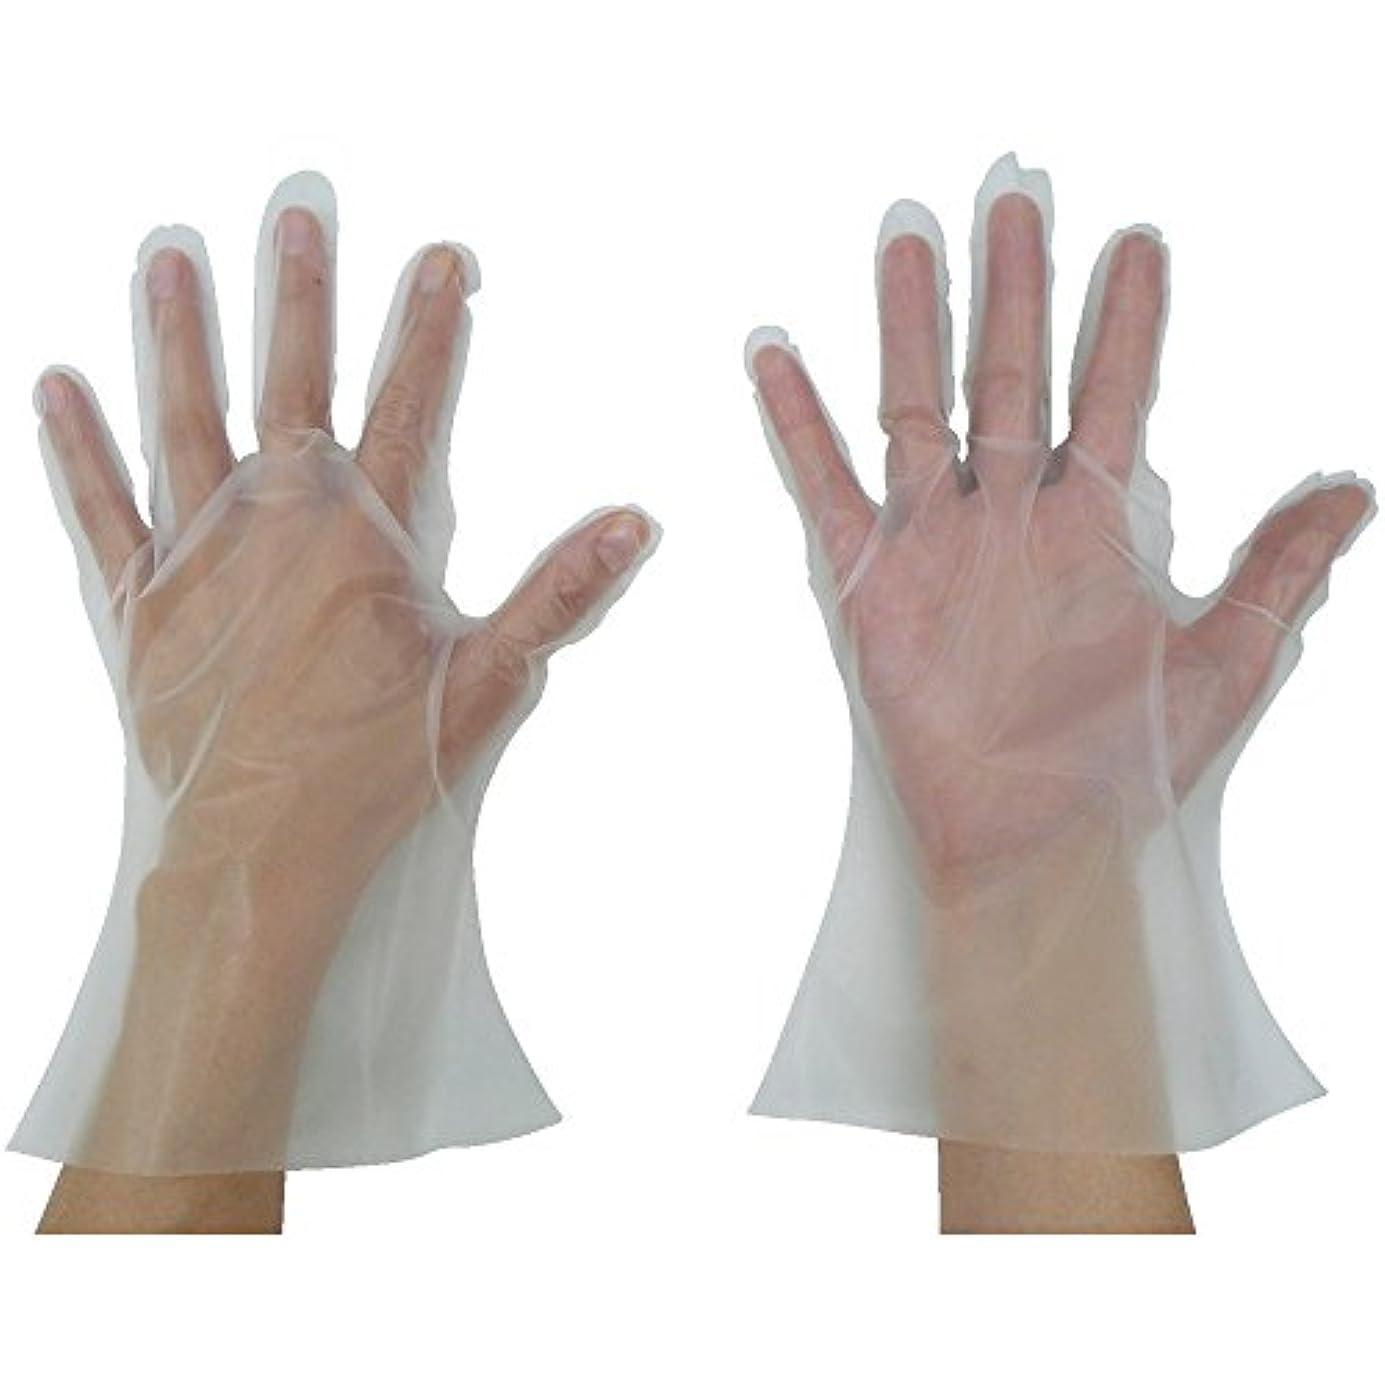 オークハイライト誤って東京パック 緊急災害対策用手袋ニューマイジャスト簡易50L 半透明 KN-L ポリエチレン使い捨て手袋